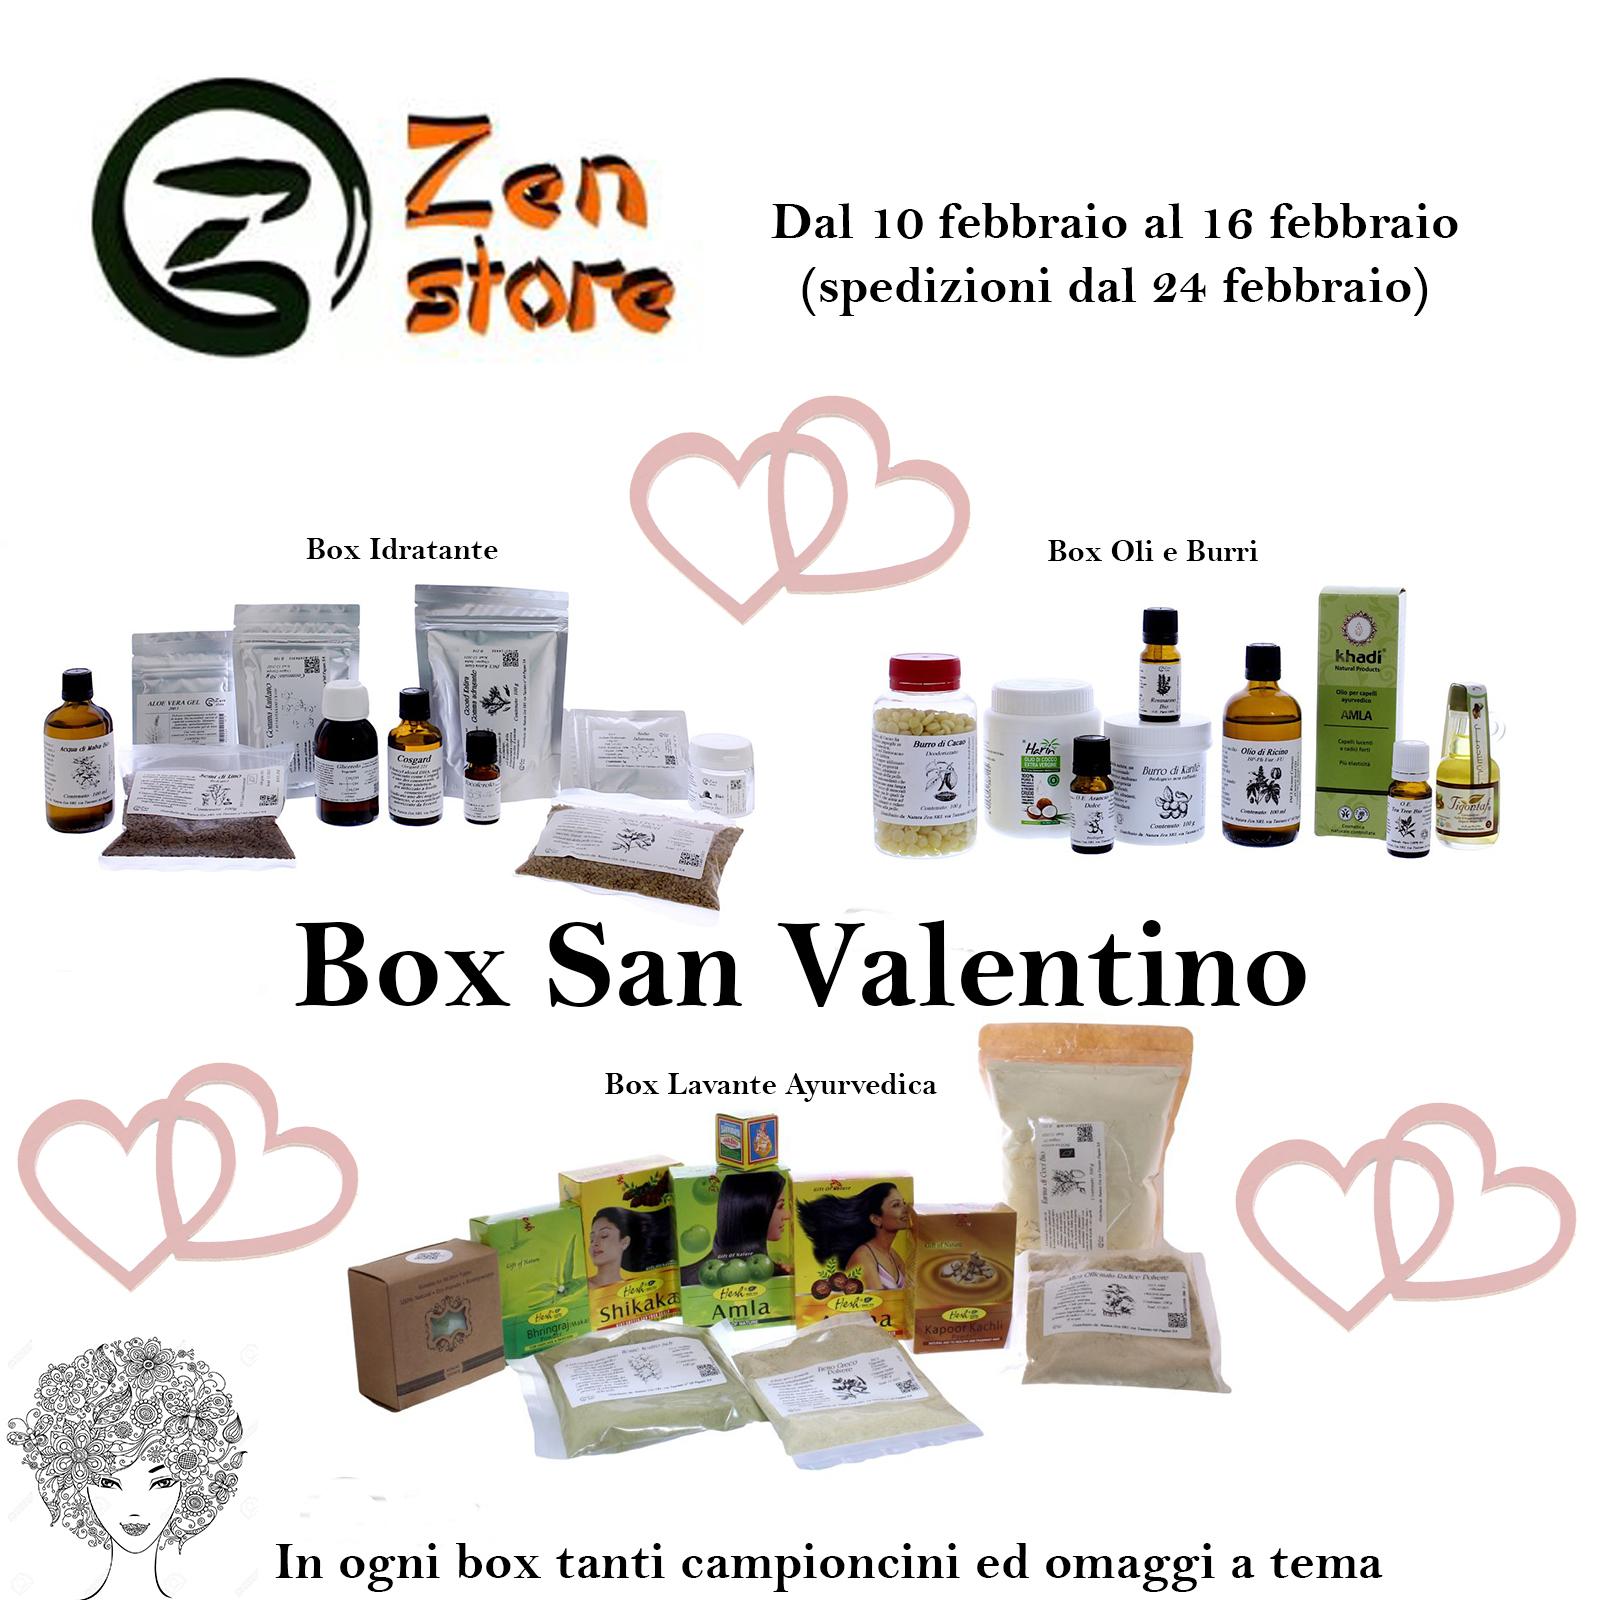 Box San Valentino Zen Store